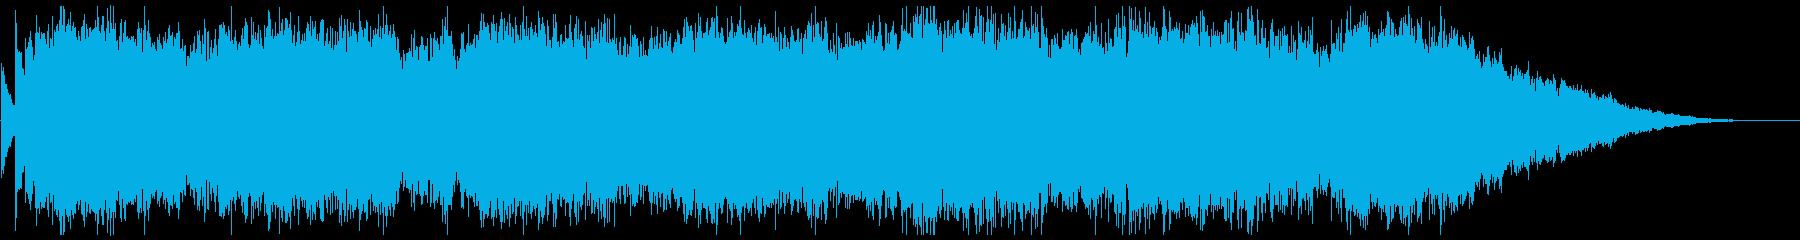 背景音 サスペンス 3の再生済みの波形